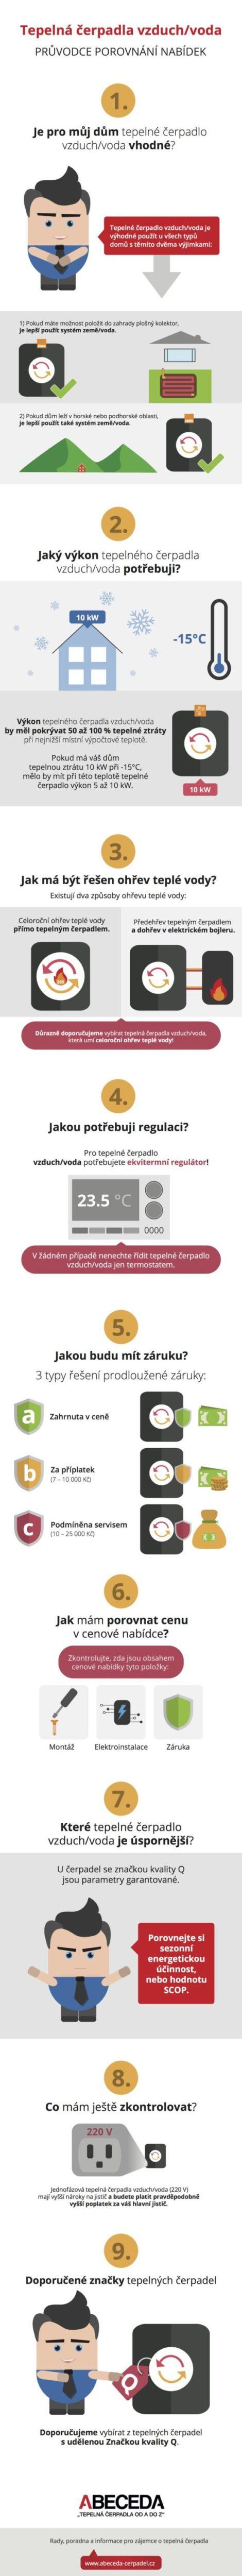 Tepelné čerpadlo vzduch/voda: vyberte správně – Infografika